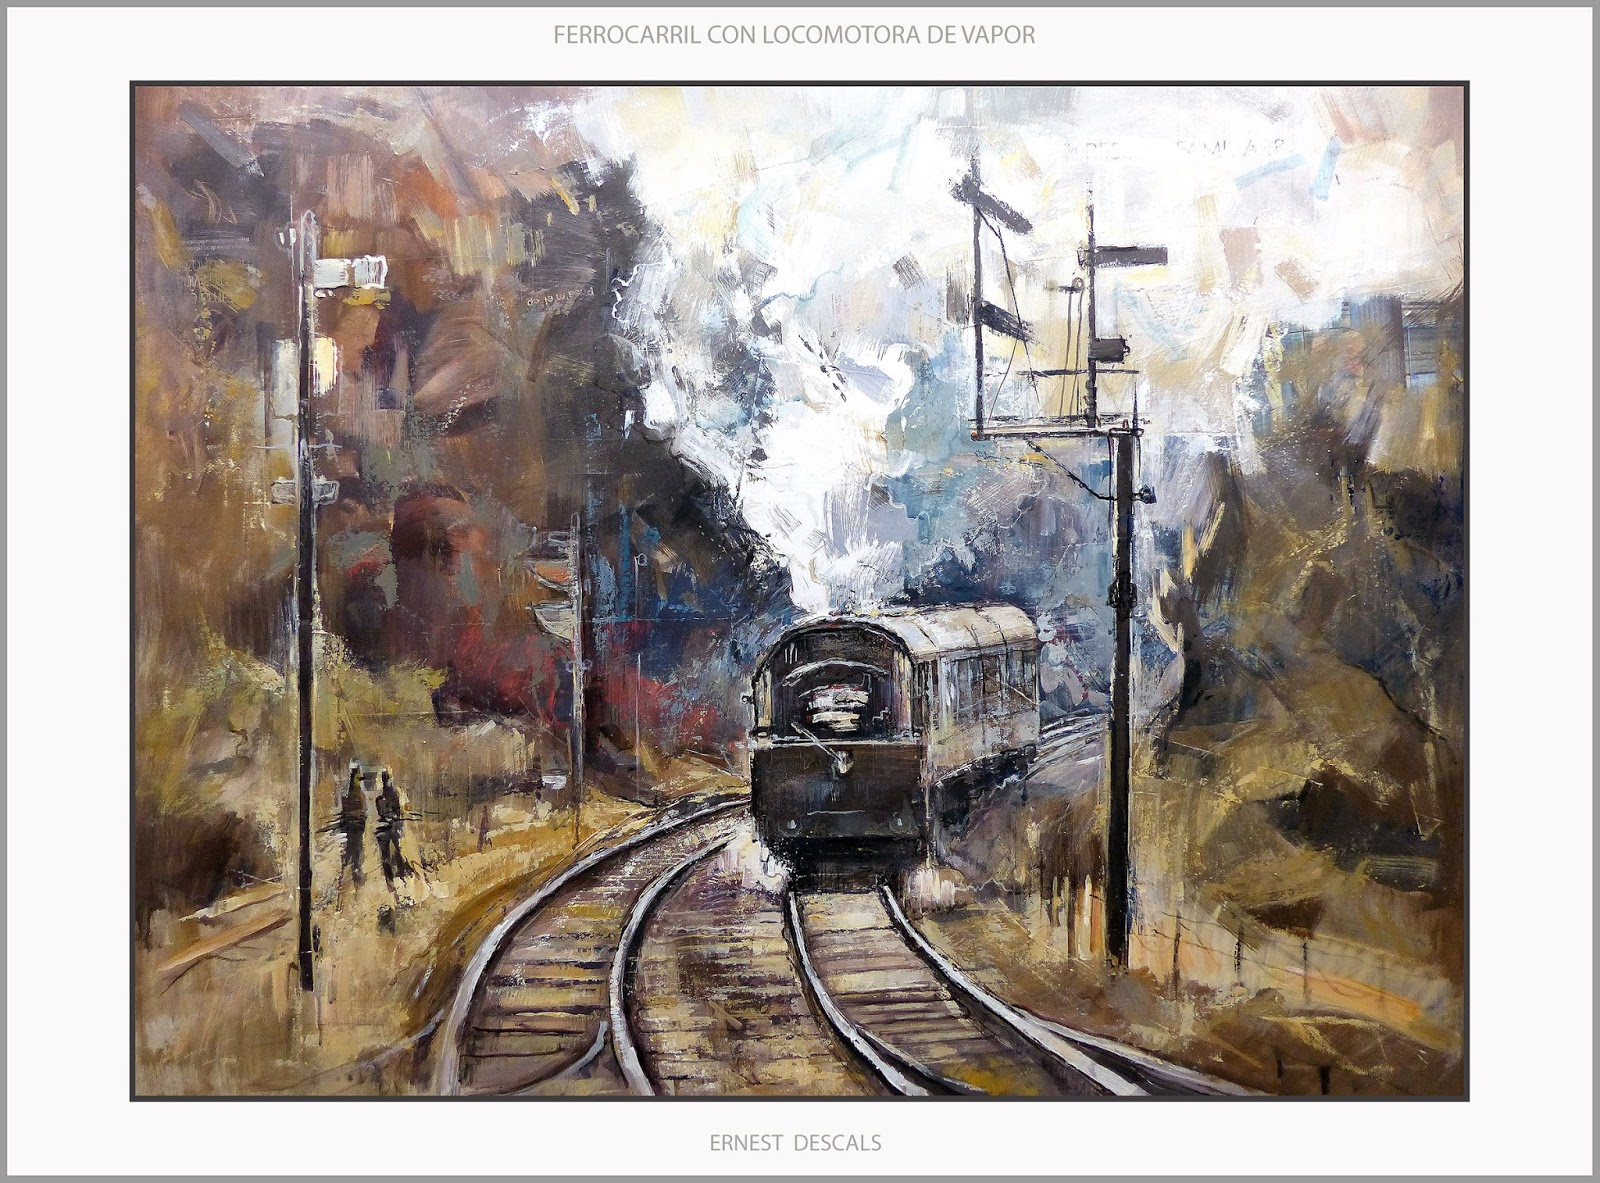 Ernest Descals.Artista Pintor: 11/01/2016 - 12/01/2016